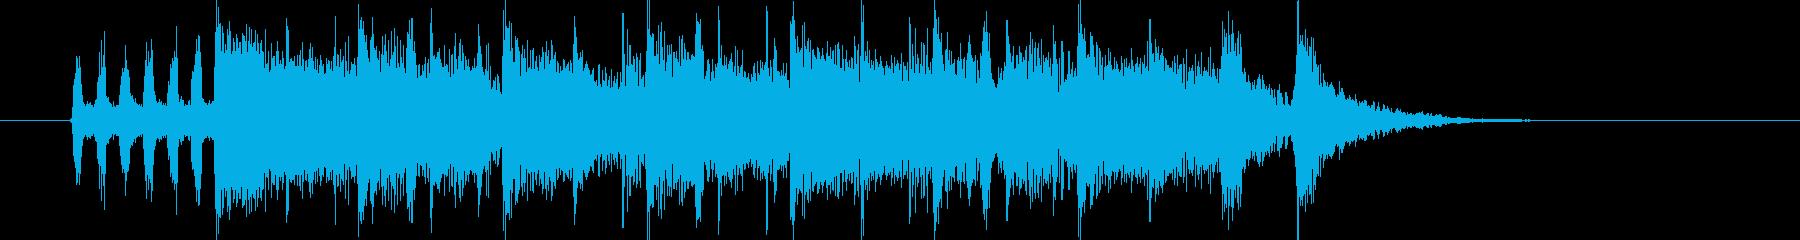 勢いと盛大なシンセサウンド短めの再生済みの波形